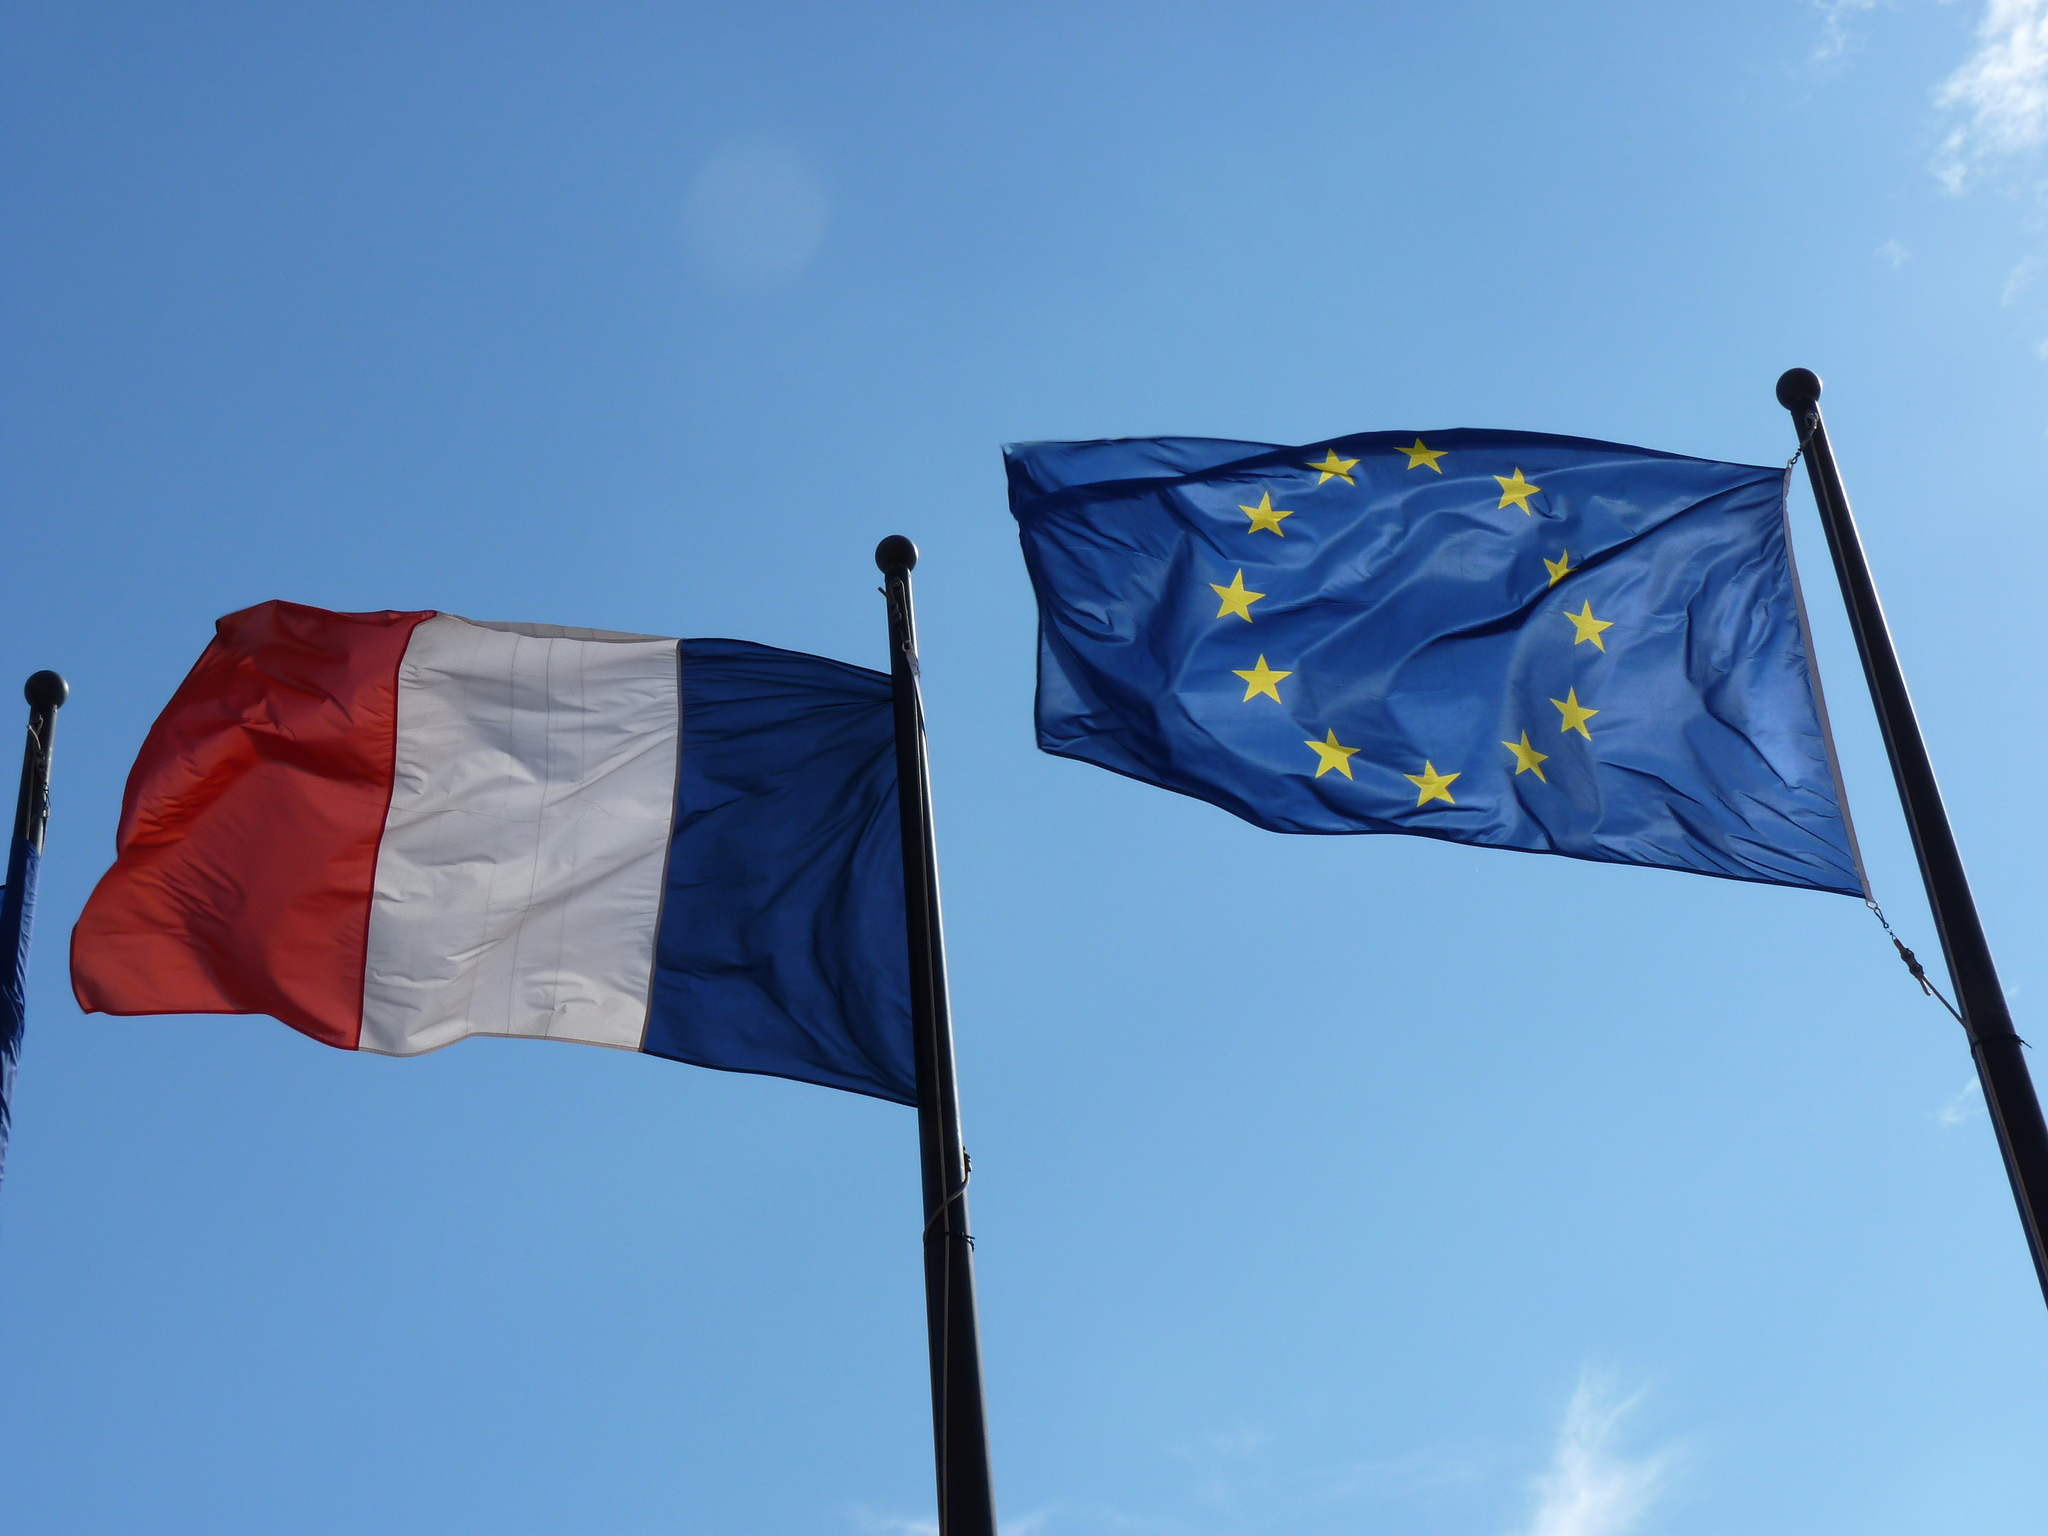 Zbrojna UE to mina pod bezpieczeństwem Polski